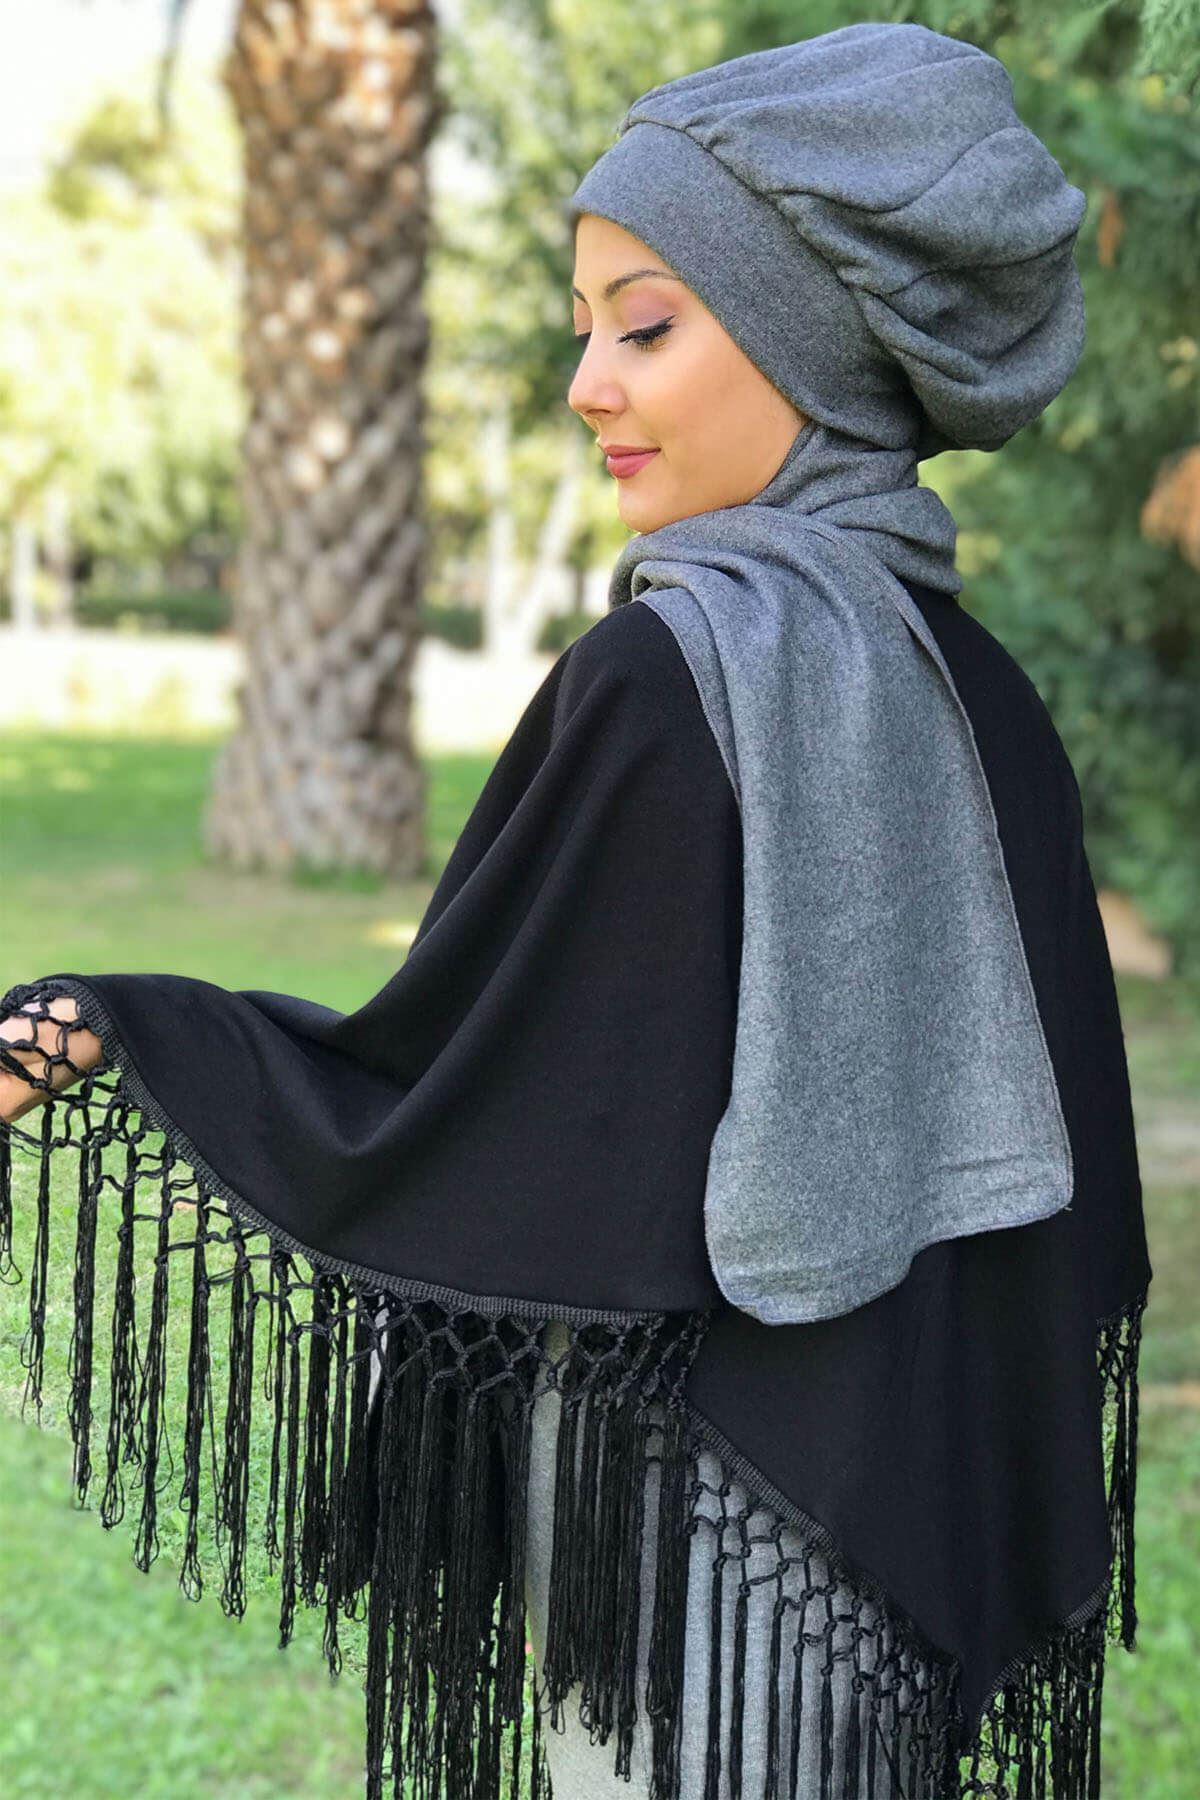 Siyah Püsküllü Panço& Koyu Gri Elif Model Düz Gri Selanik Atkılı Bere Şal Kombin